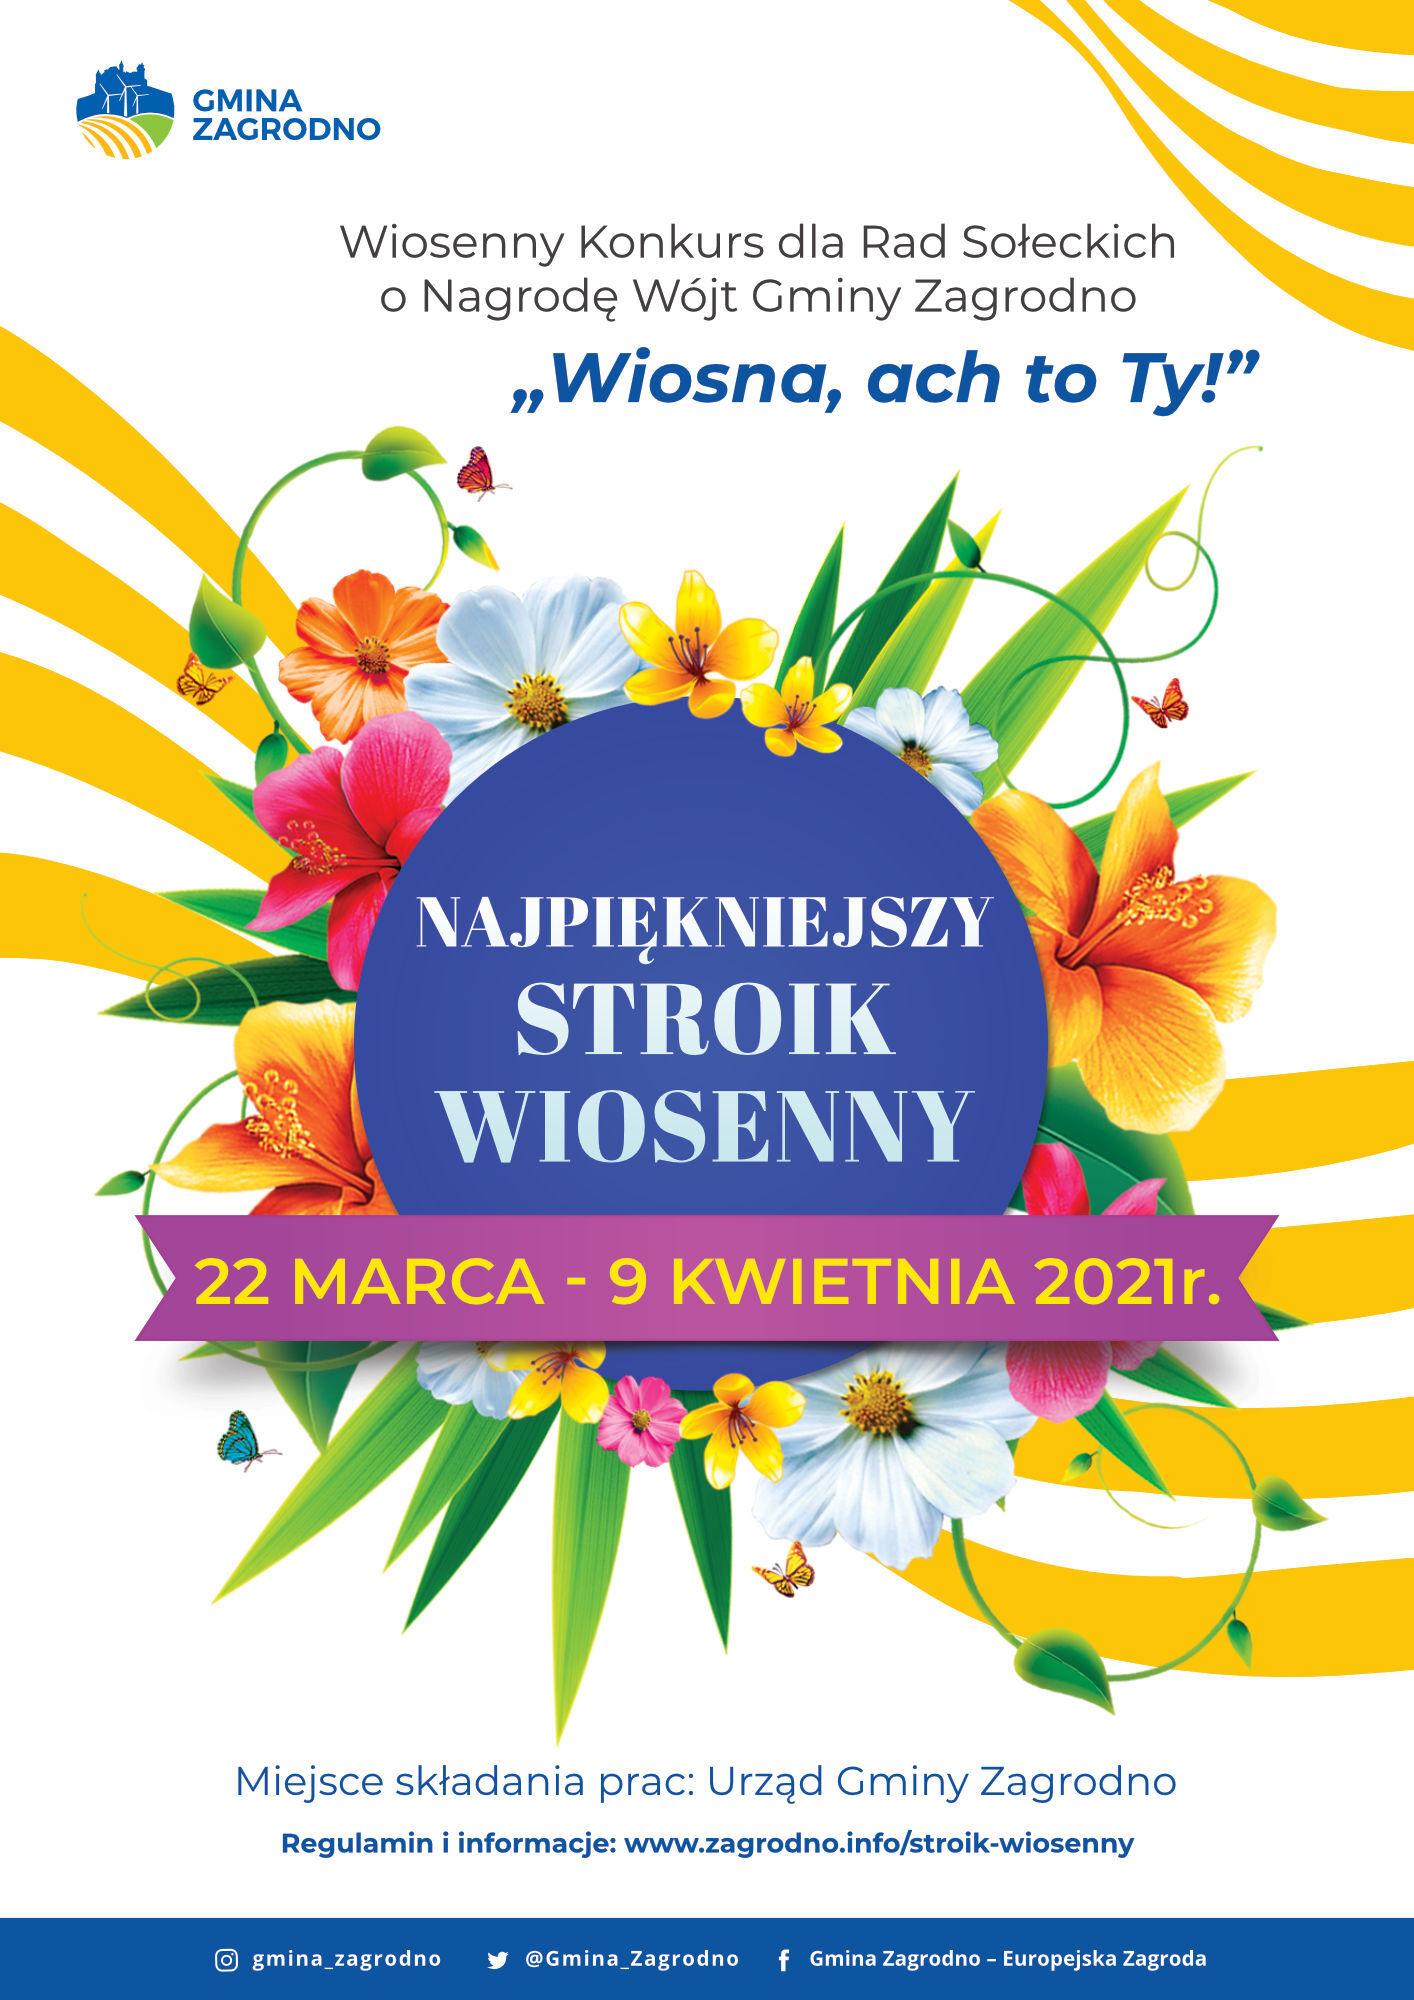 Plakat informujący o konkursie wiosennym dla rad sołeckich